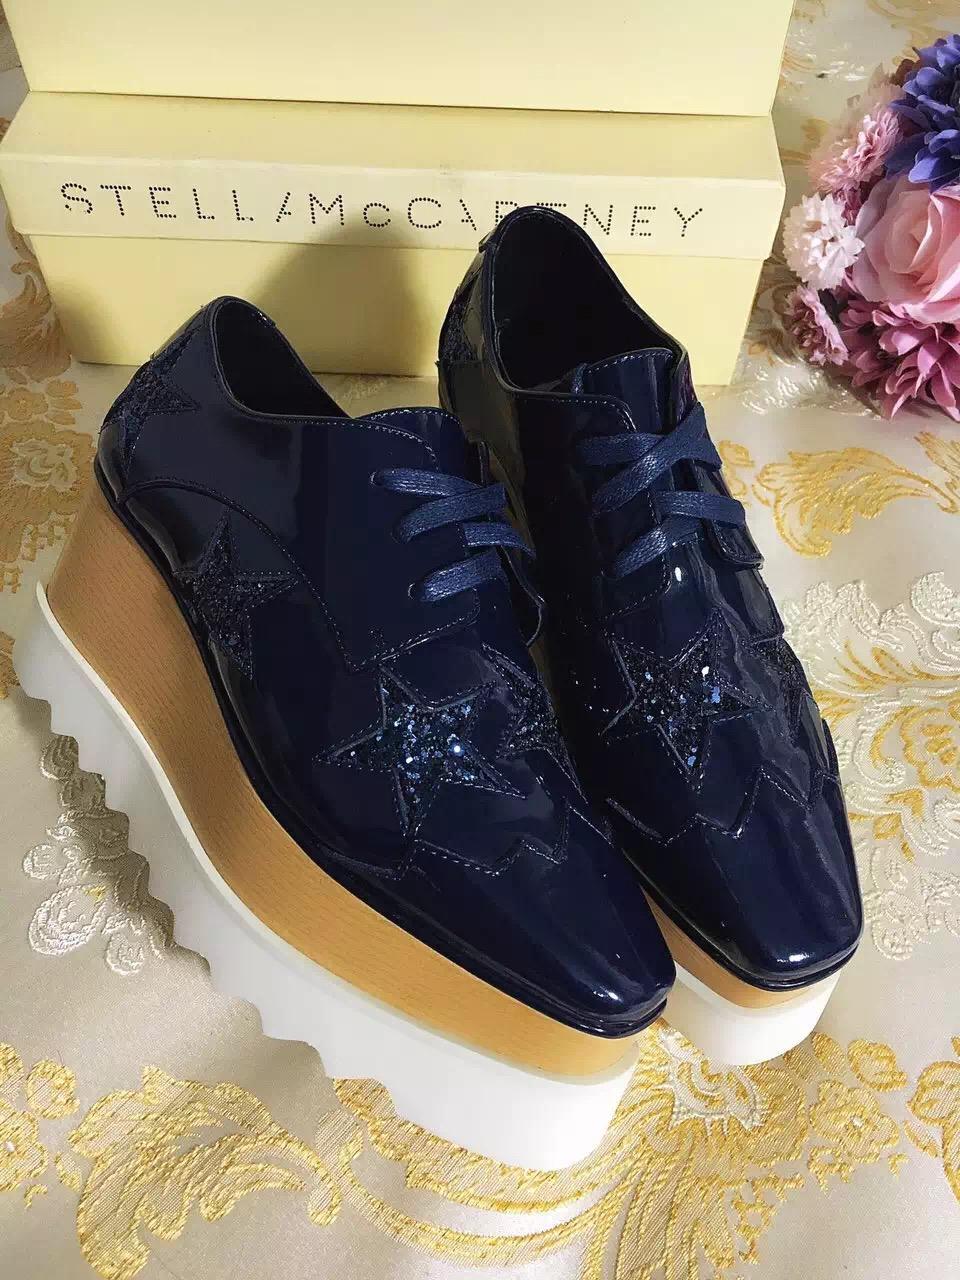 f097077f7b1 Compre Stella Mccartney Plataforma Primavera Sapatos De Couro Preto ...